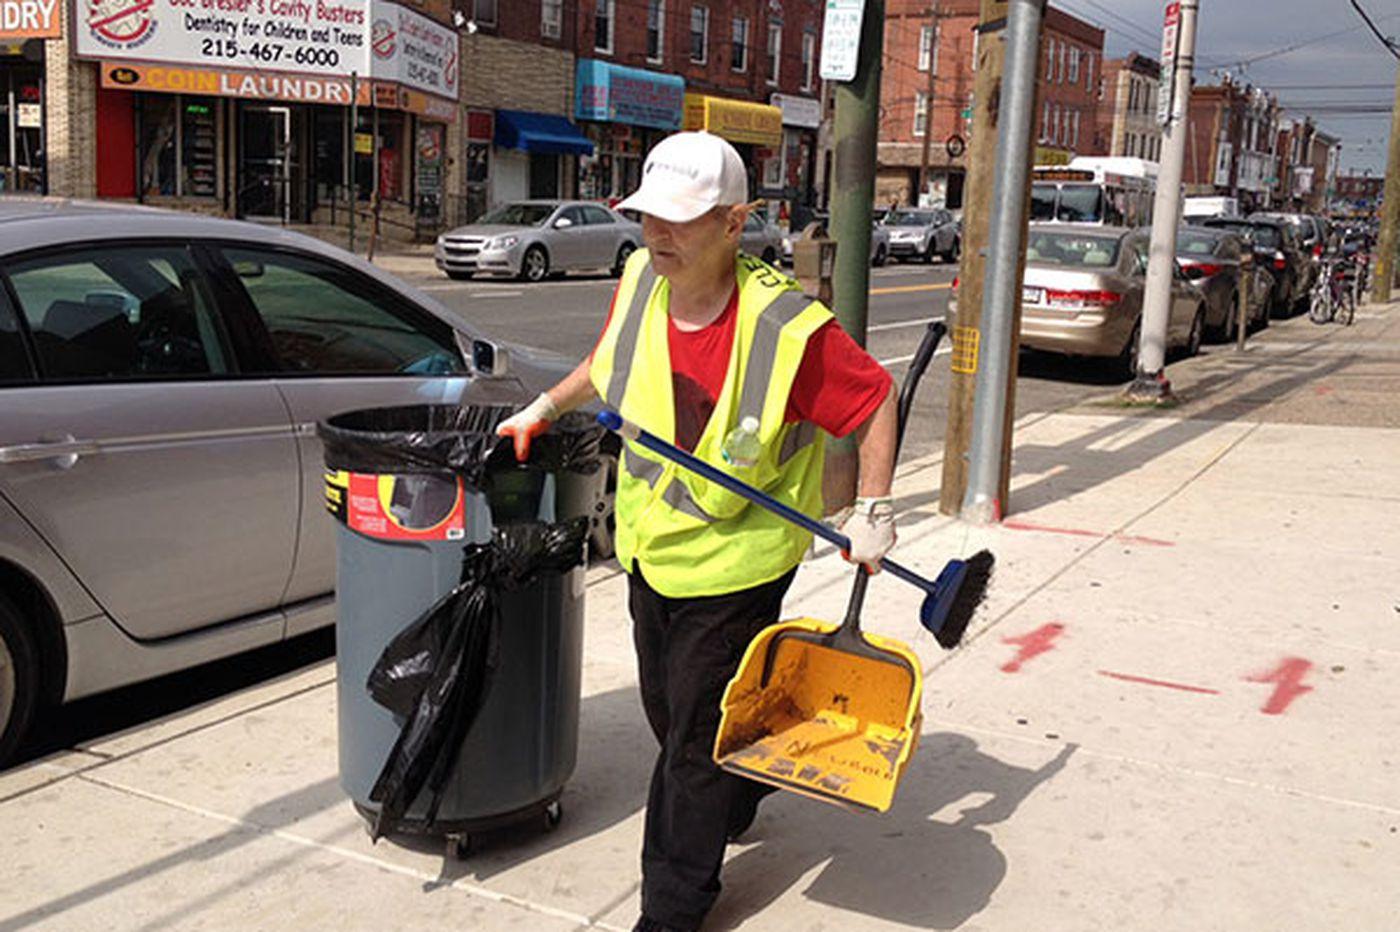 West Passyunk Avenue cleans up